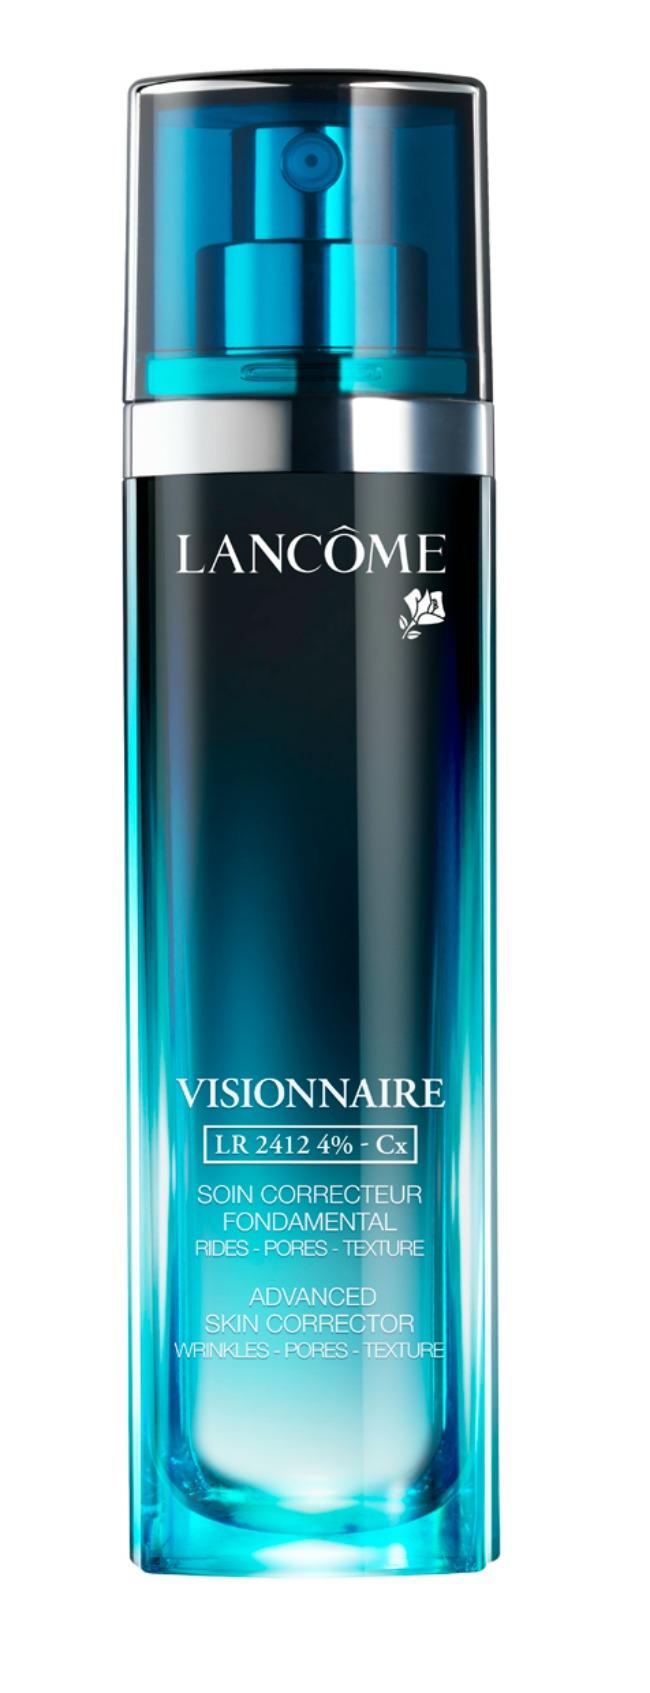 lancôme visionnaire advanced skin corrector 1 Lancôme: Visionnaire Advanced Skin Corrector